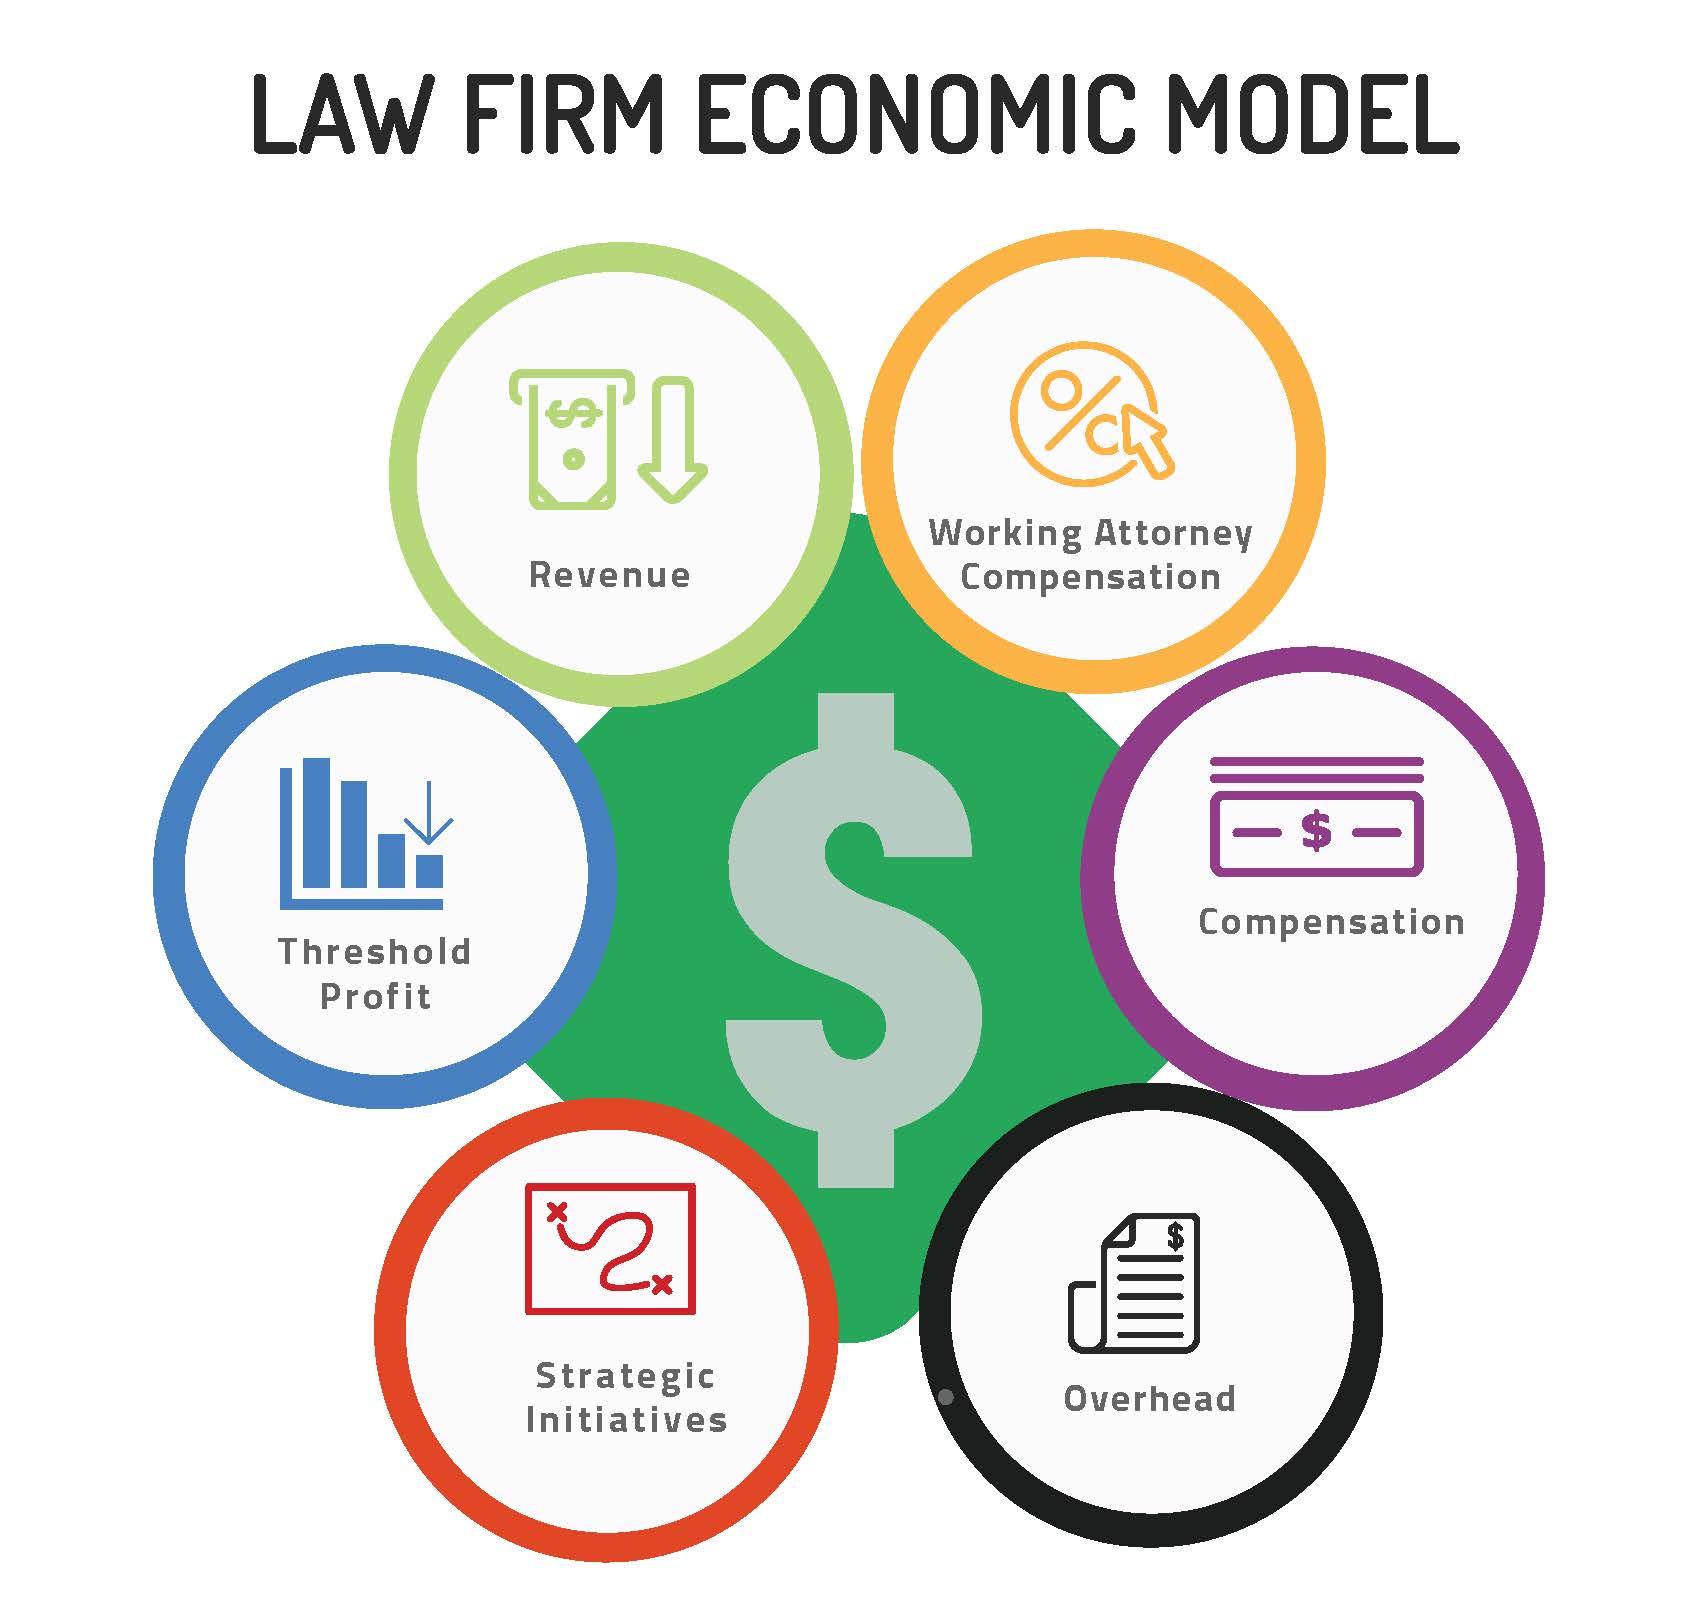 LawFirm_EconomicModel